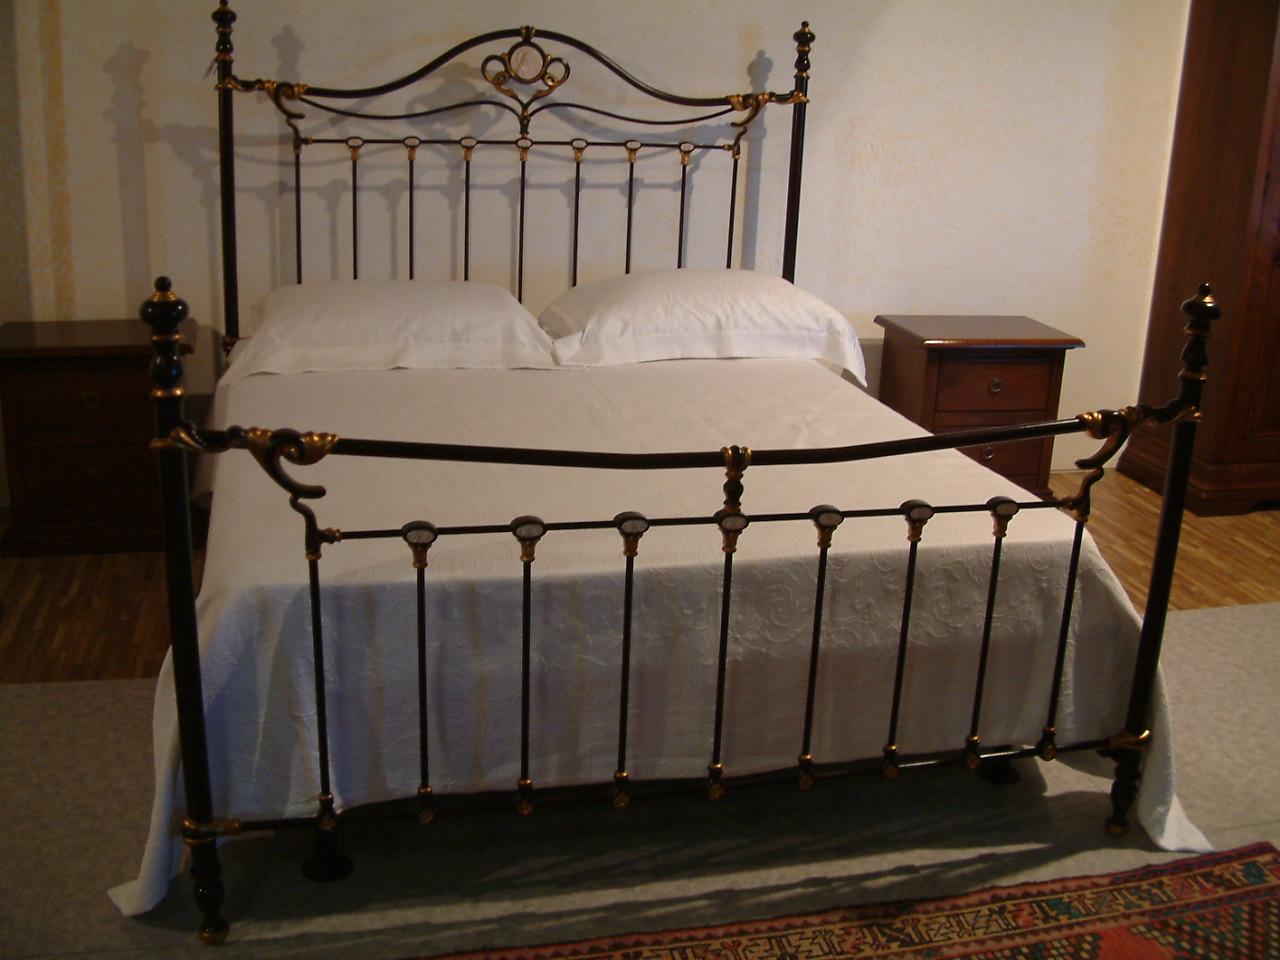 Luben camere da letto - Mobilya megastore camere da letto ...